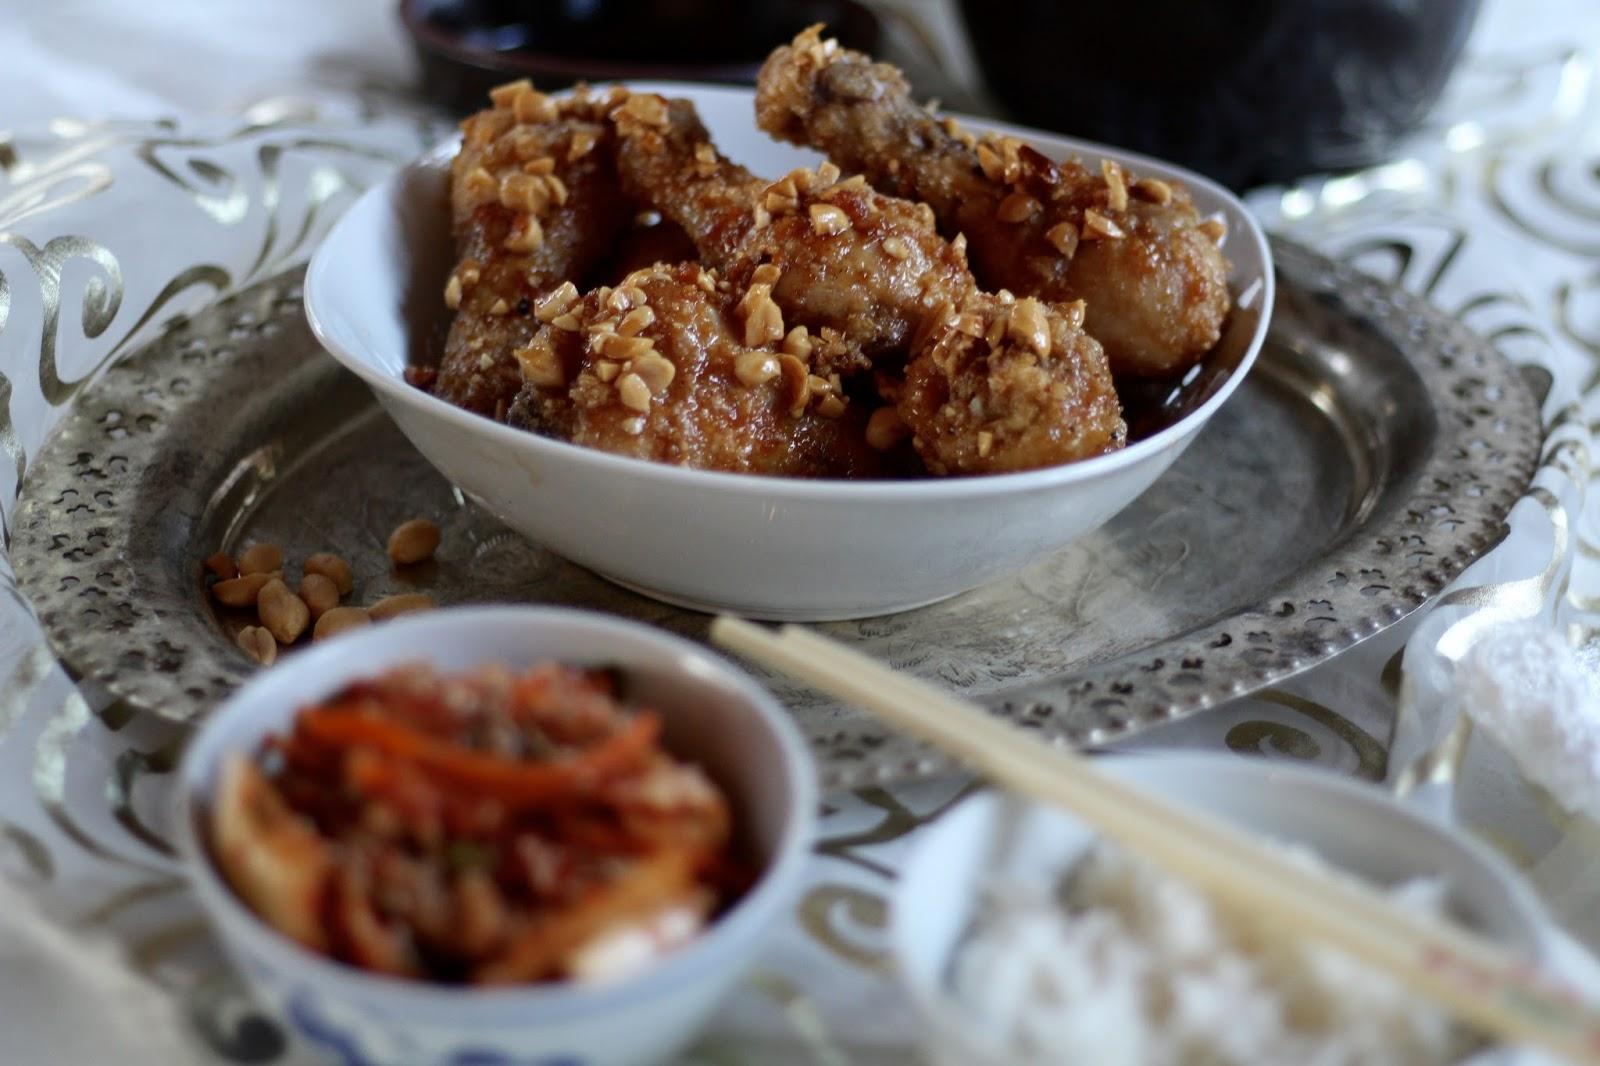 Knusprige frittierte Hähnchenschenkel mit Erdnüssen - Koreanisches Dakgangjeong nach Maangchi